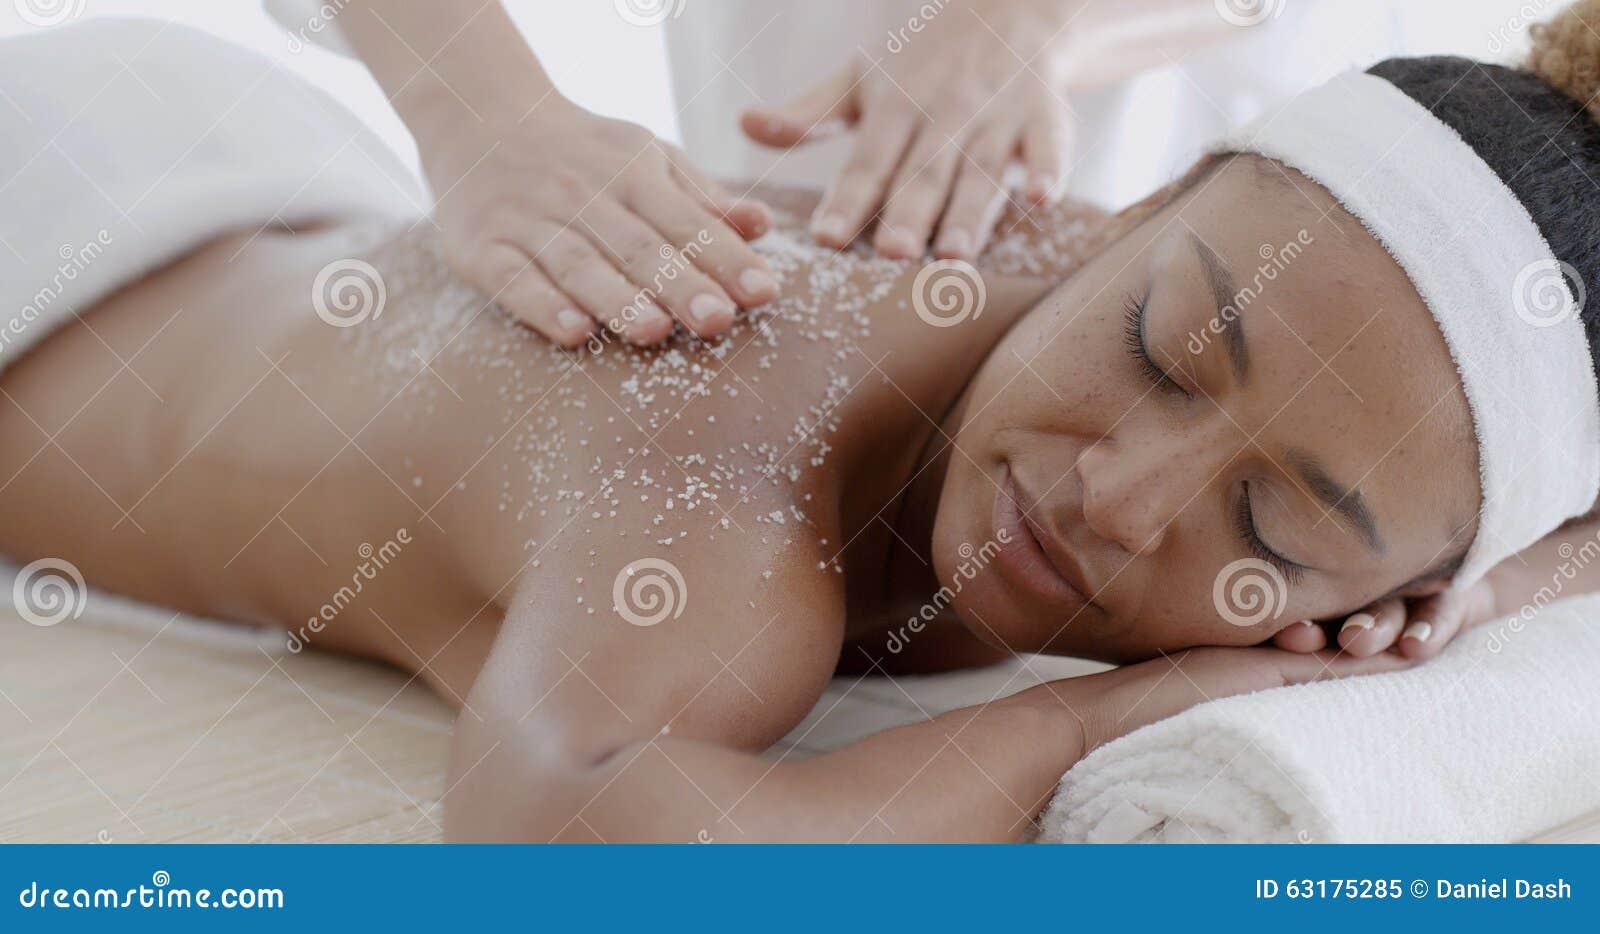 La hembra que consigue una sal friega el tratamiento